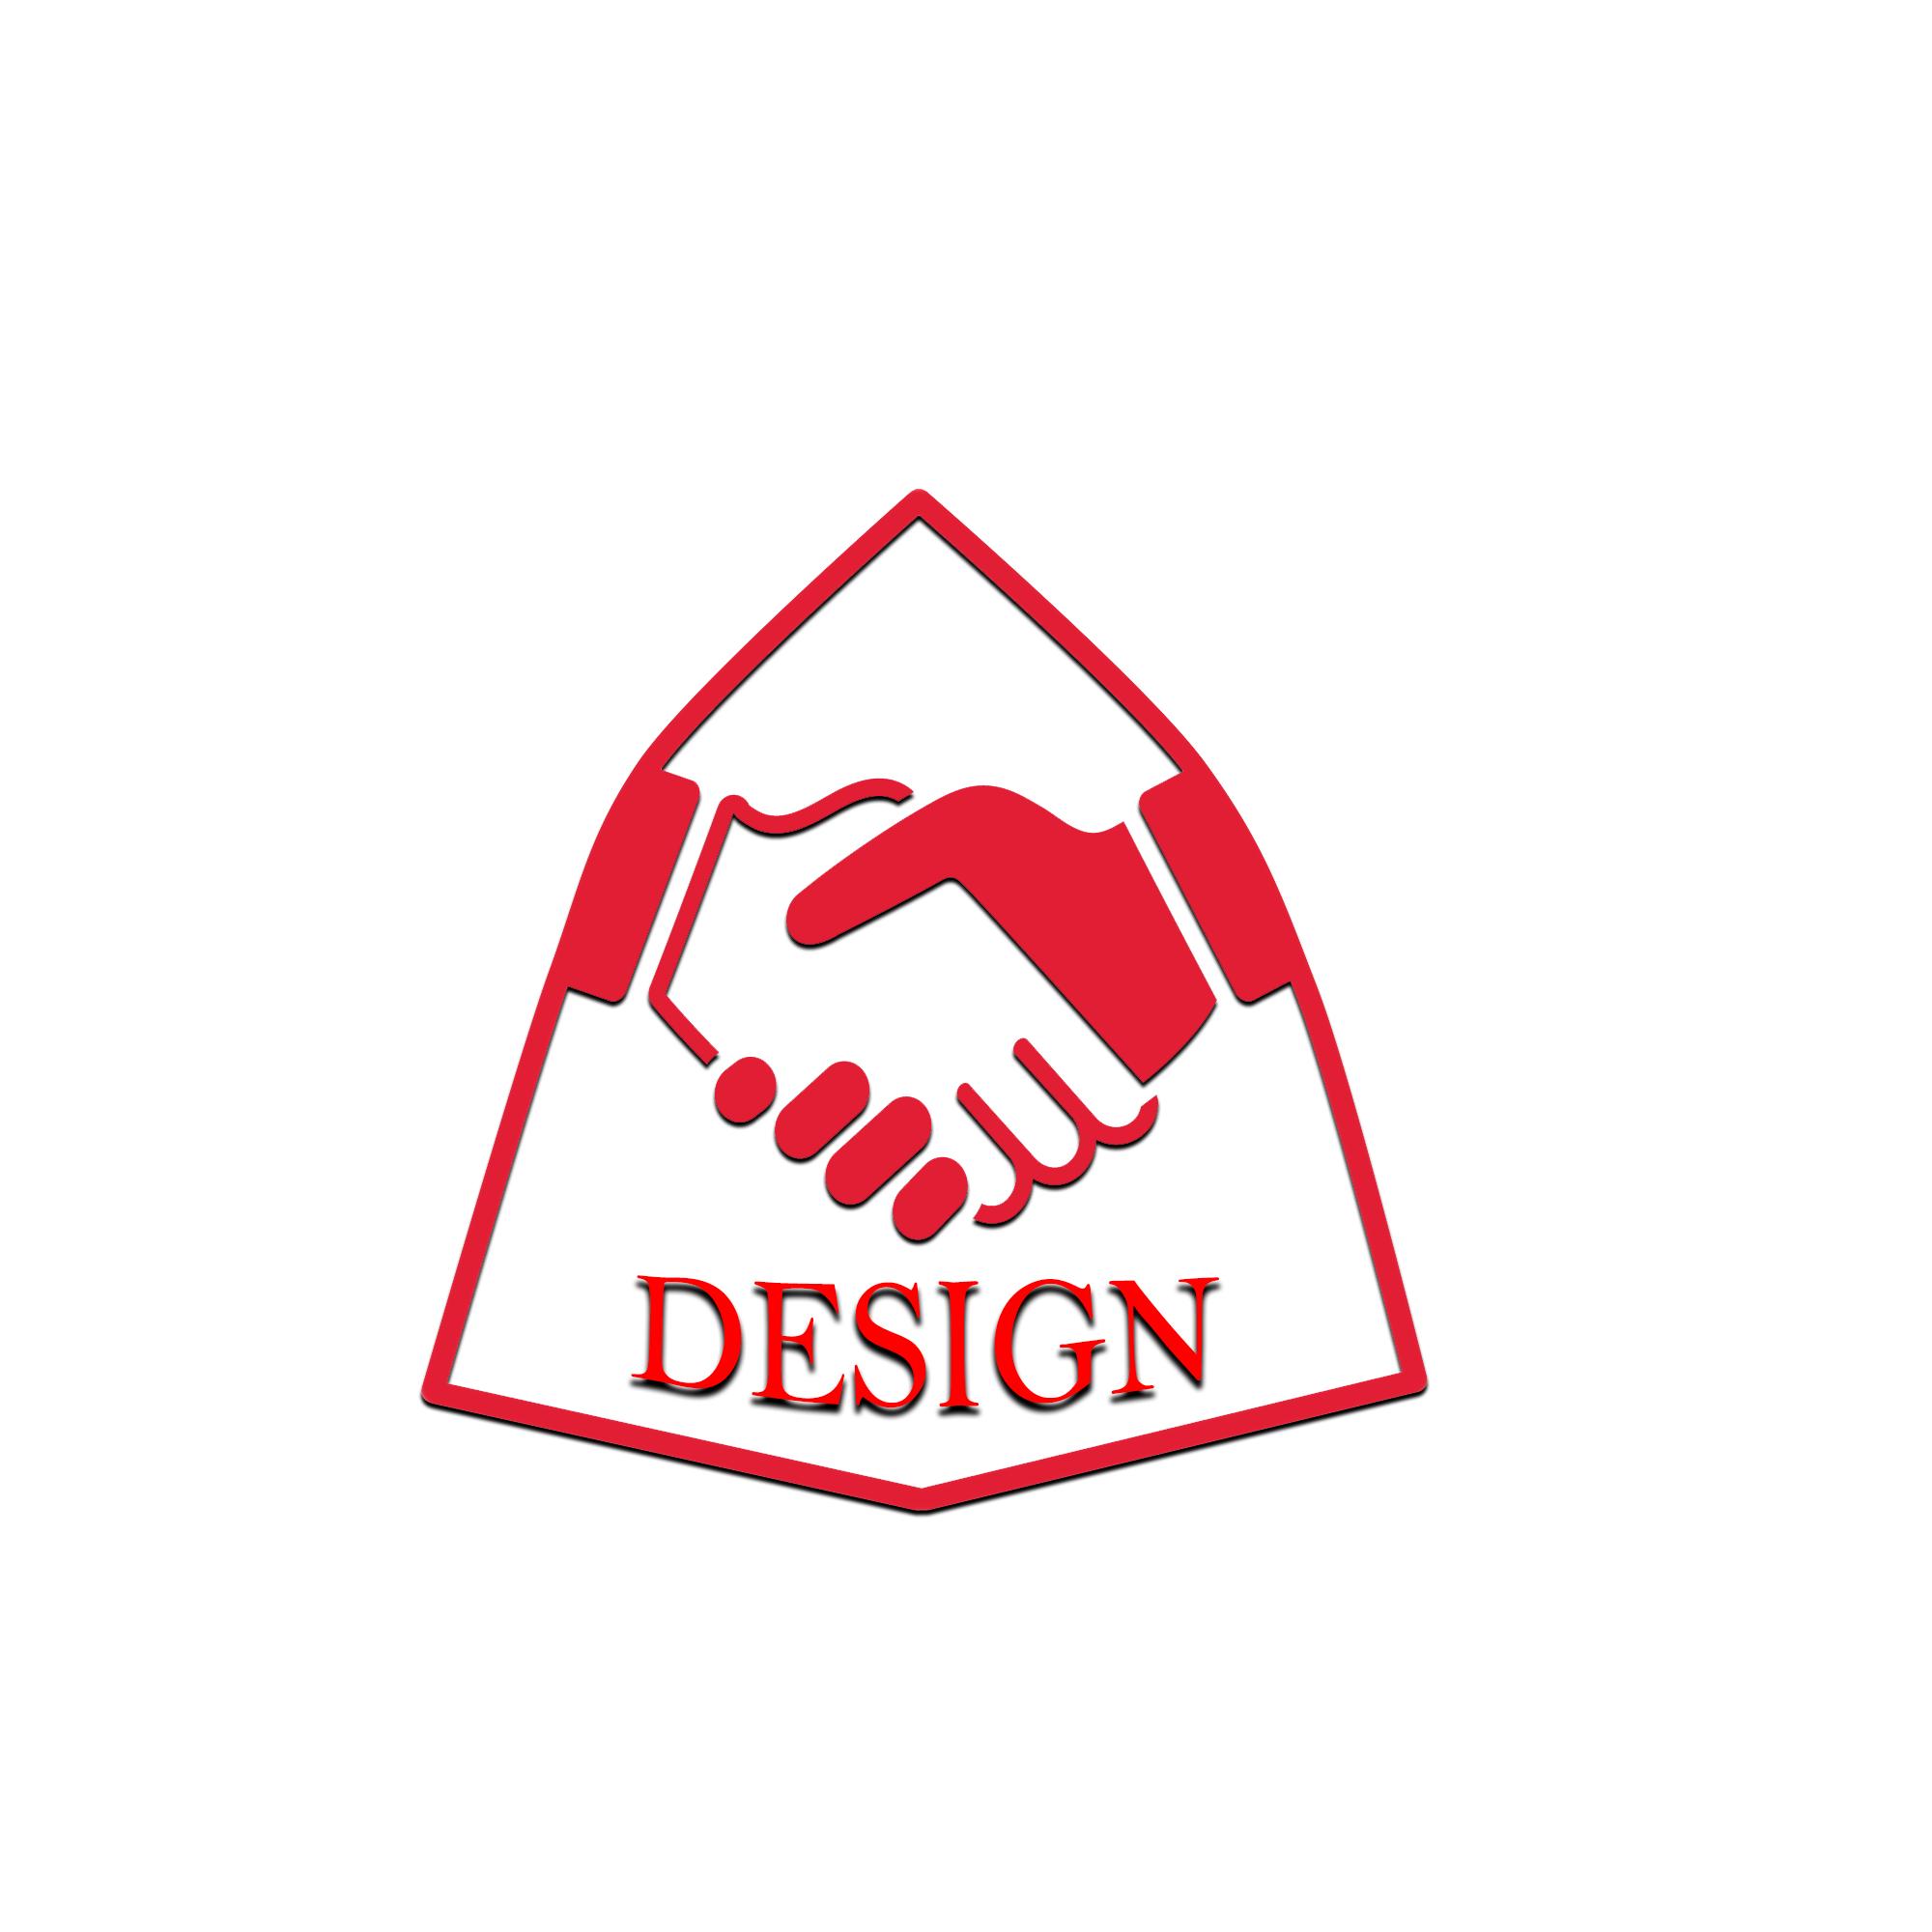 Дизайнер в сфере IT-технологий фото f_8815b43a6ce9a41c.png